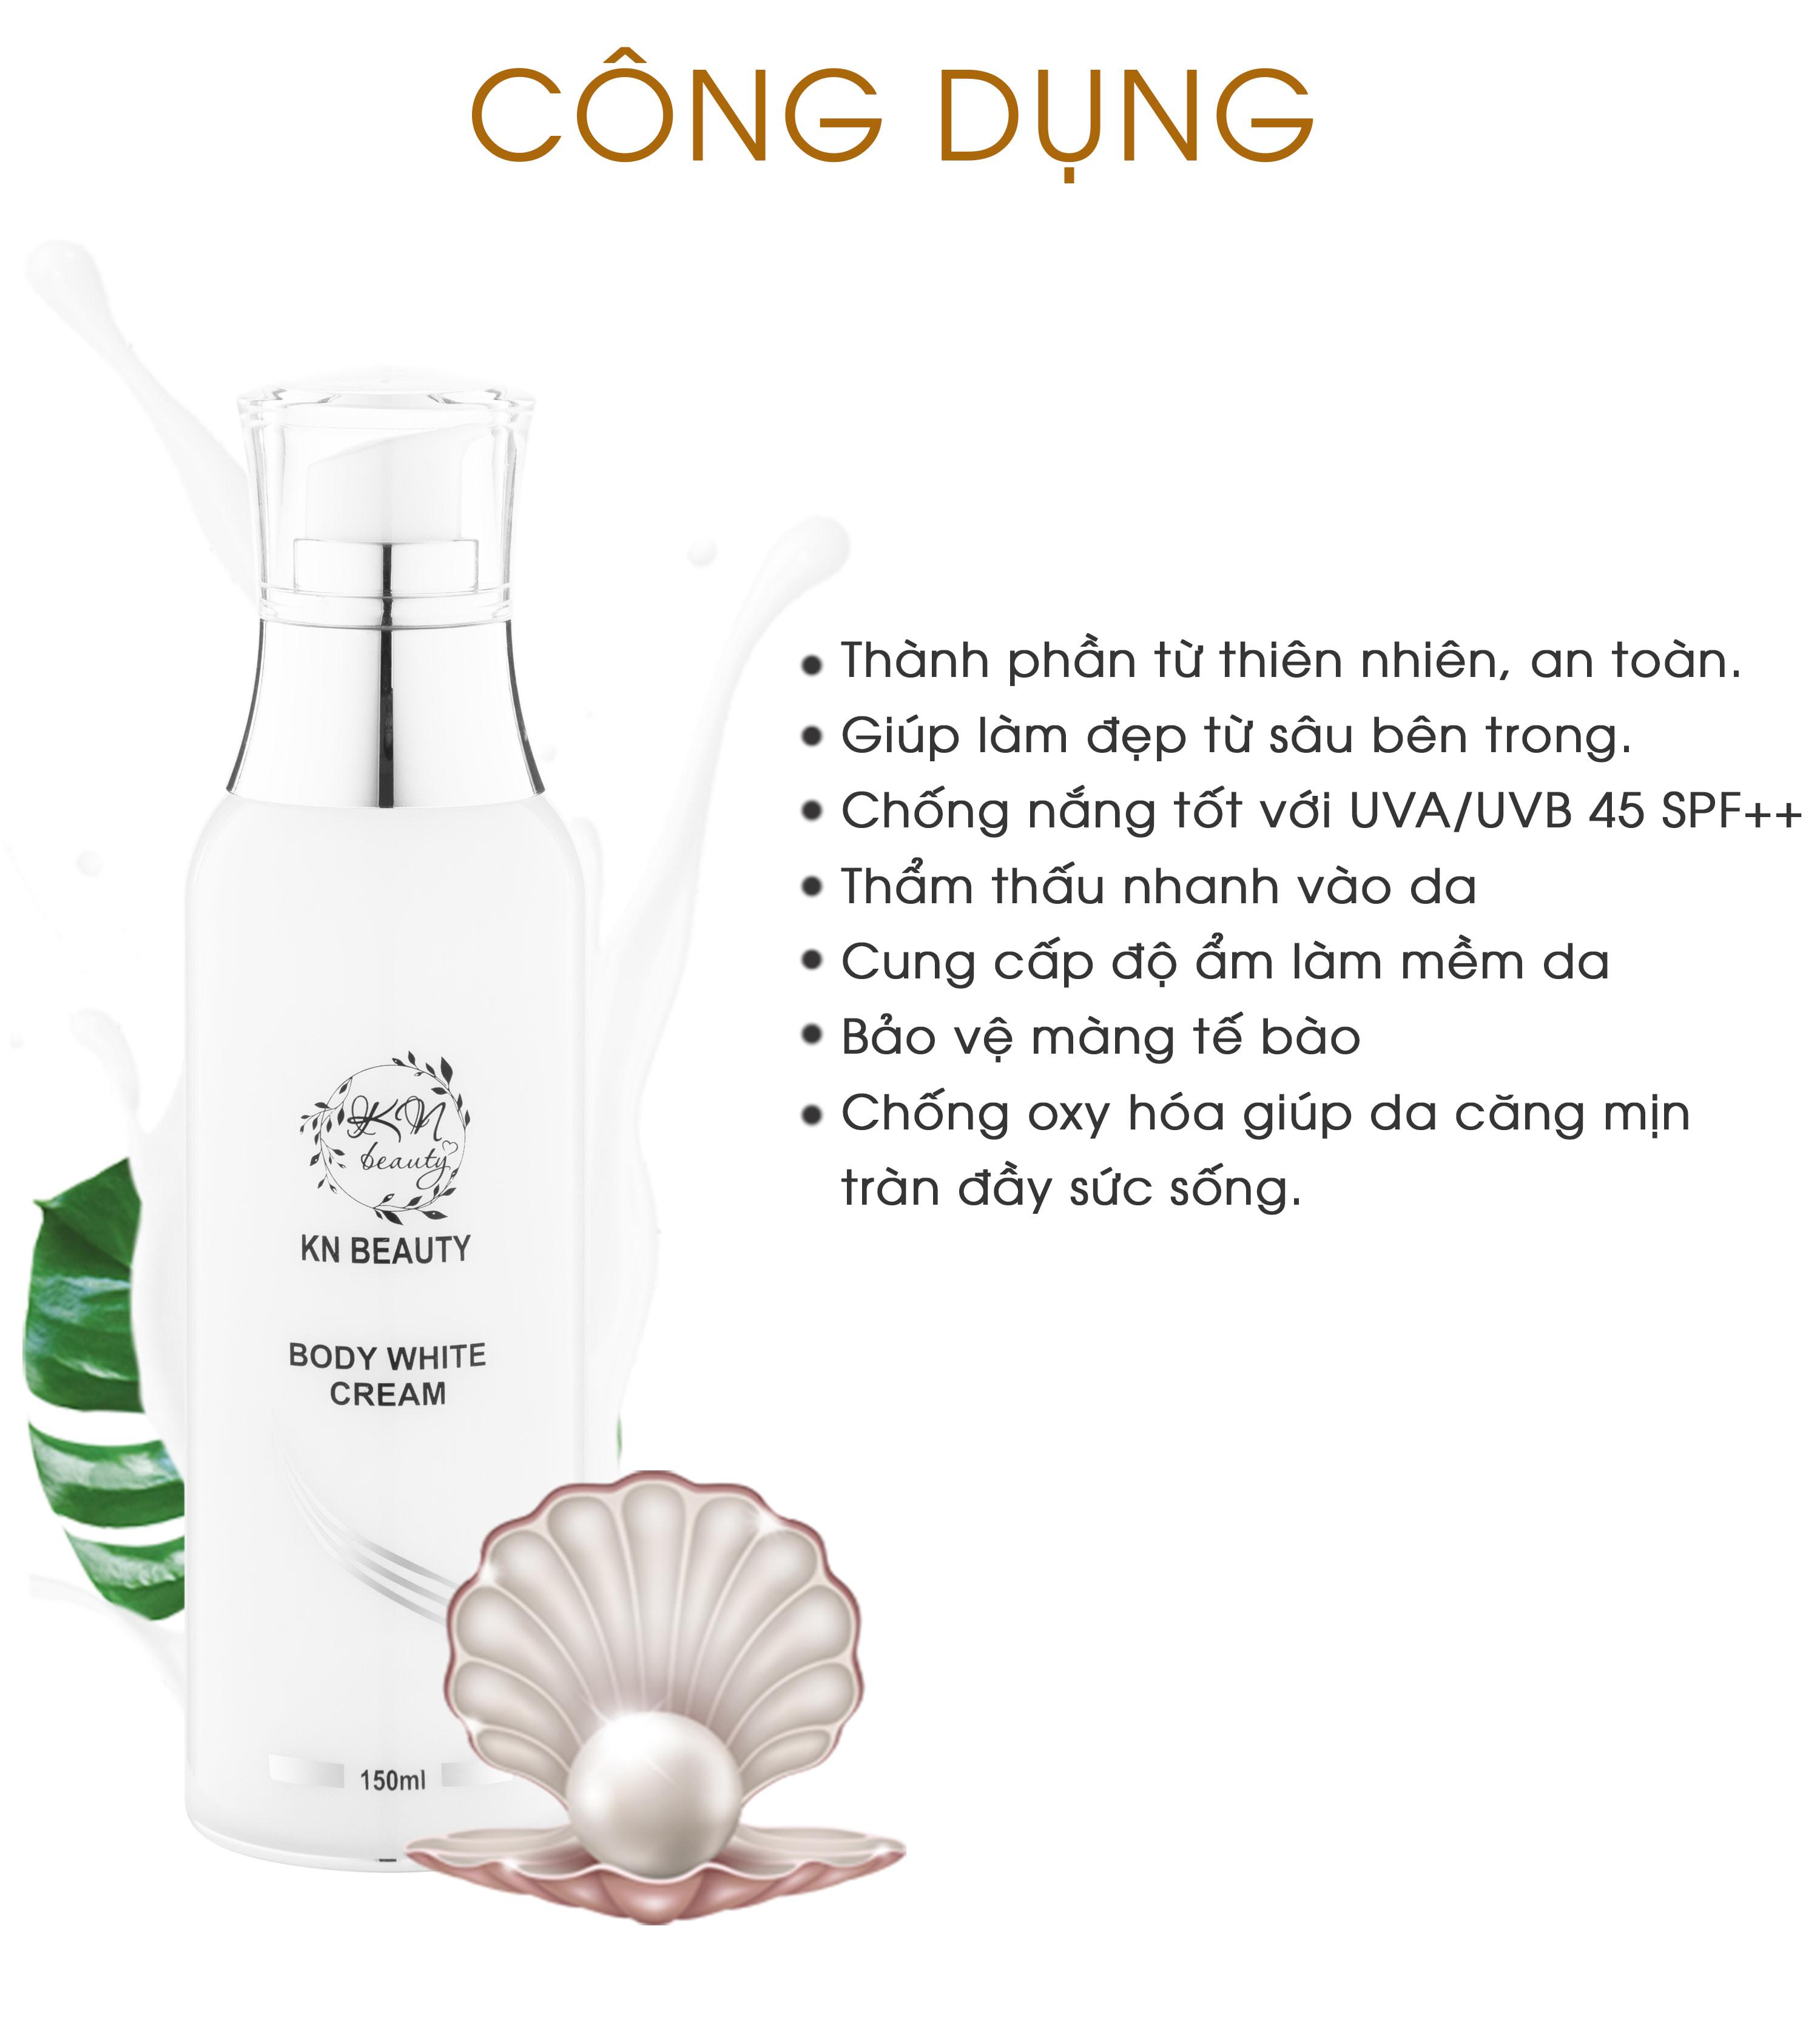 Bộ 2 sản phẩm dưỡng trắng toàn thân KN Beauty: Kem Dưỡng Trắng Toàn Thân Tinh Chất Ngọc Trai + Kem Ủ Trắng Da Toàn Thân